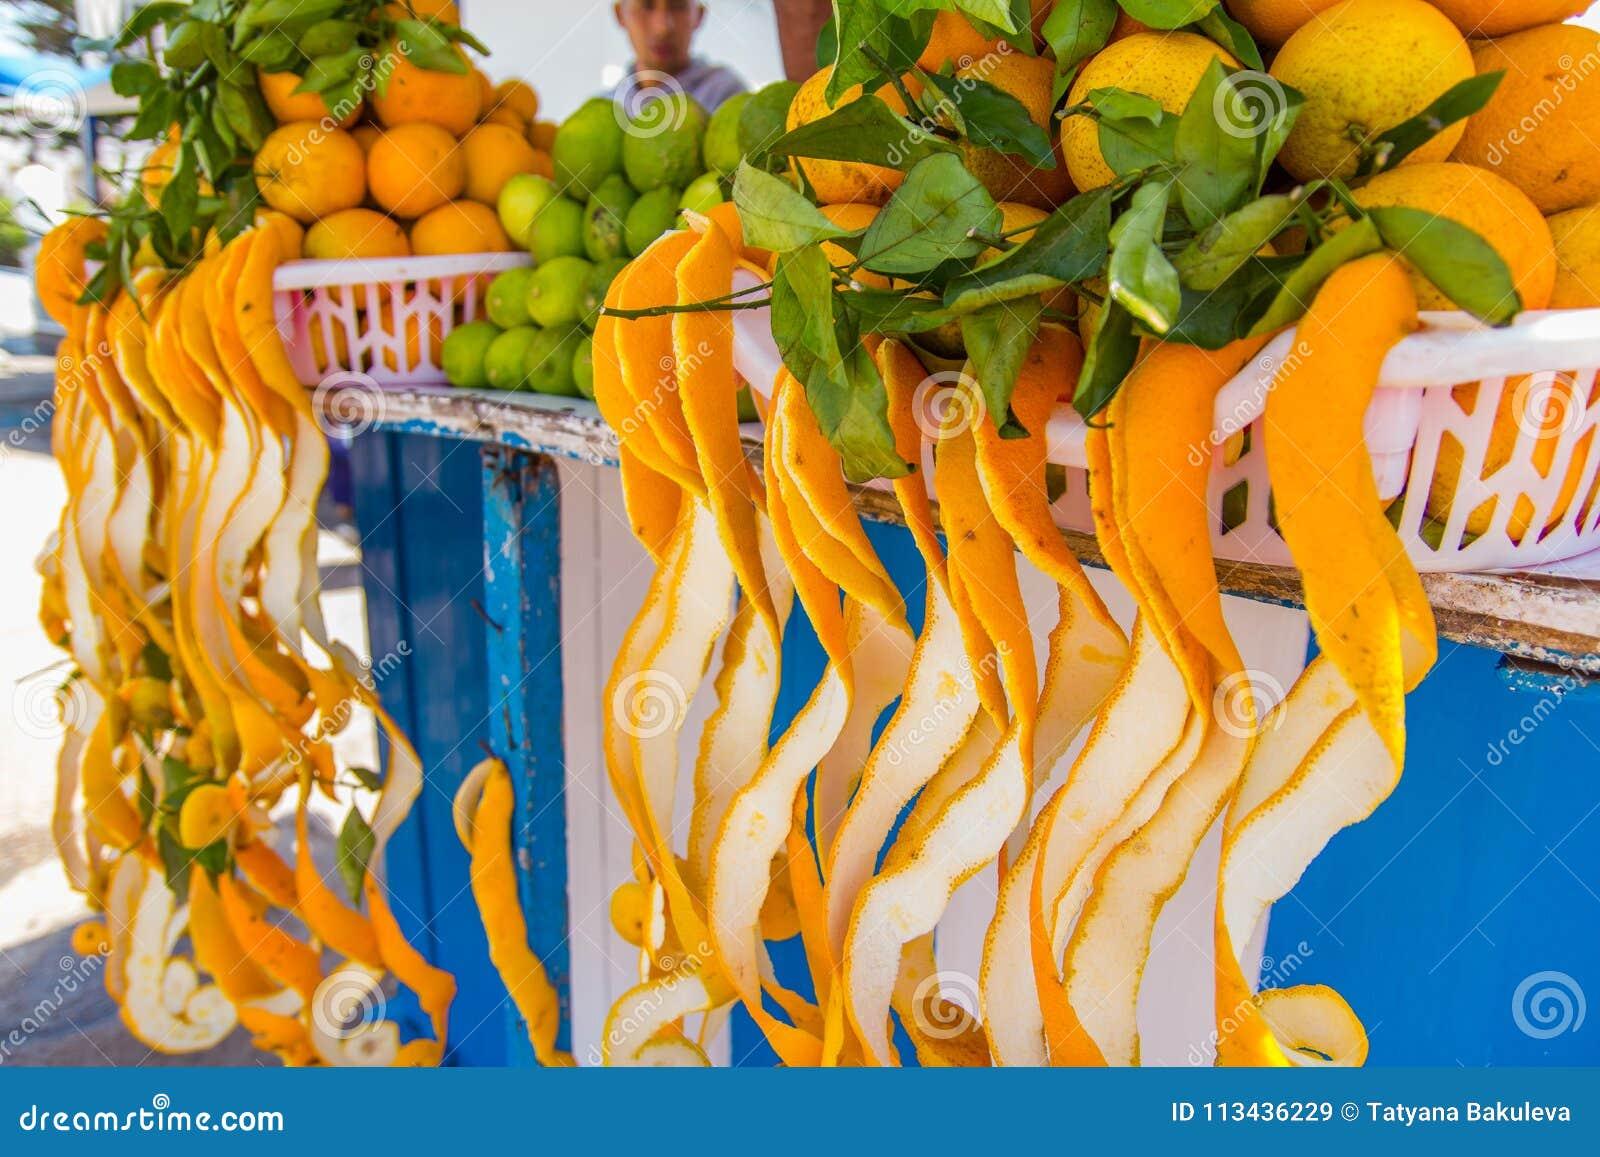 4af9a6da68 Casca De Uma Laranja Isolada Imagem de Stock Editorial - Imagem de ...